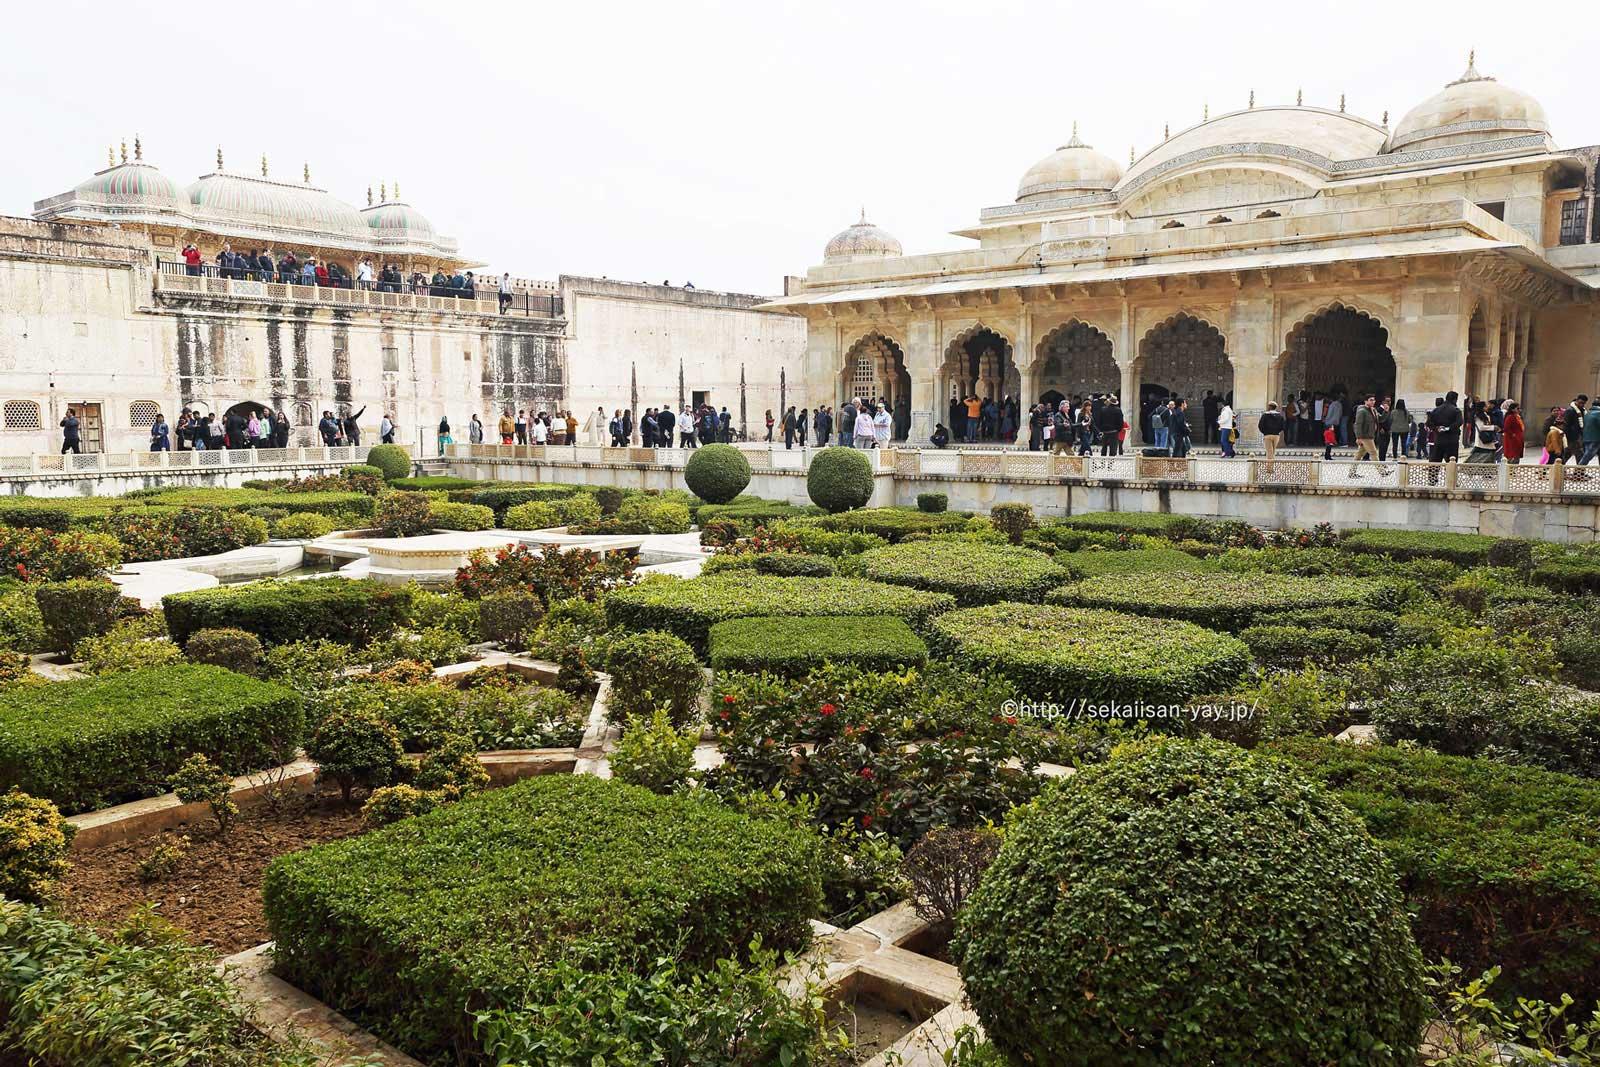 ラージャスターンの丘陵要塞群(ジャイプールのアンベール城) - 庭園と歓喜の間(スク・ニワース)